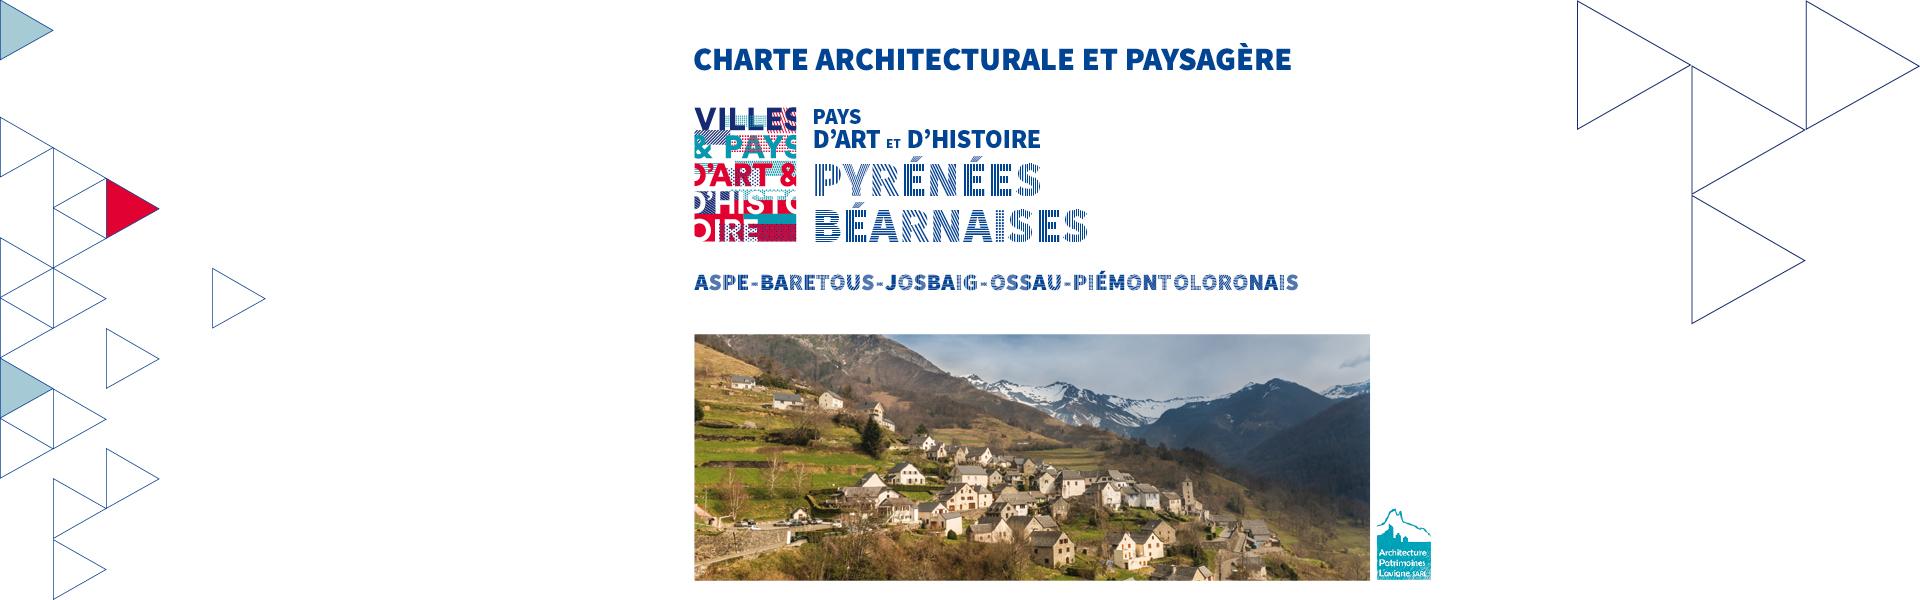 Une charte architecturale et paysagère pour les Pyrénées Béarnaises accompagnée par le CAUE 64